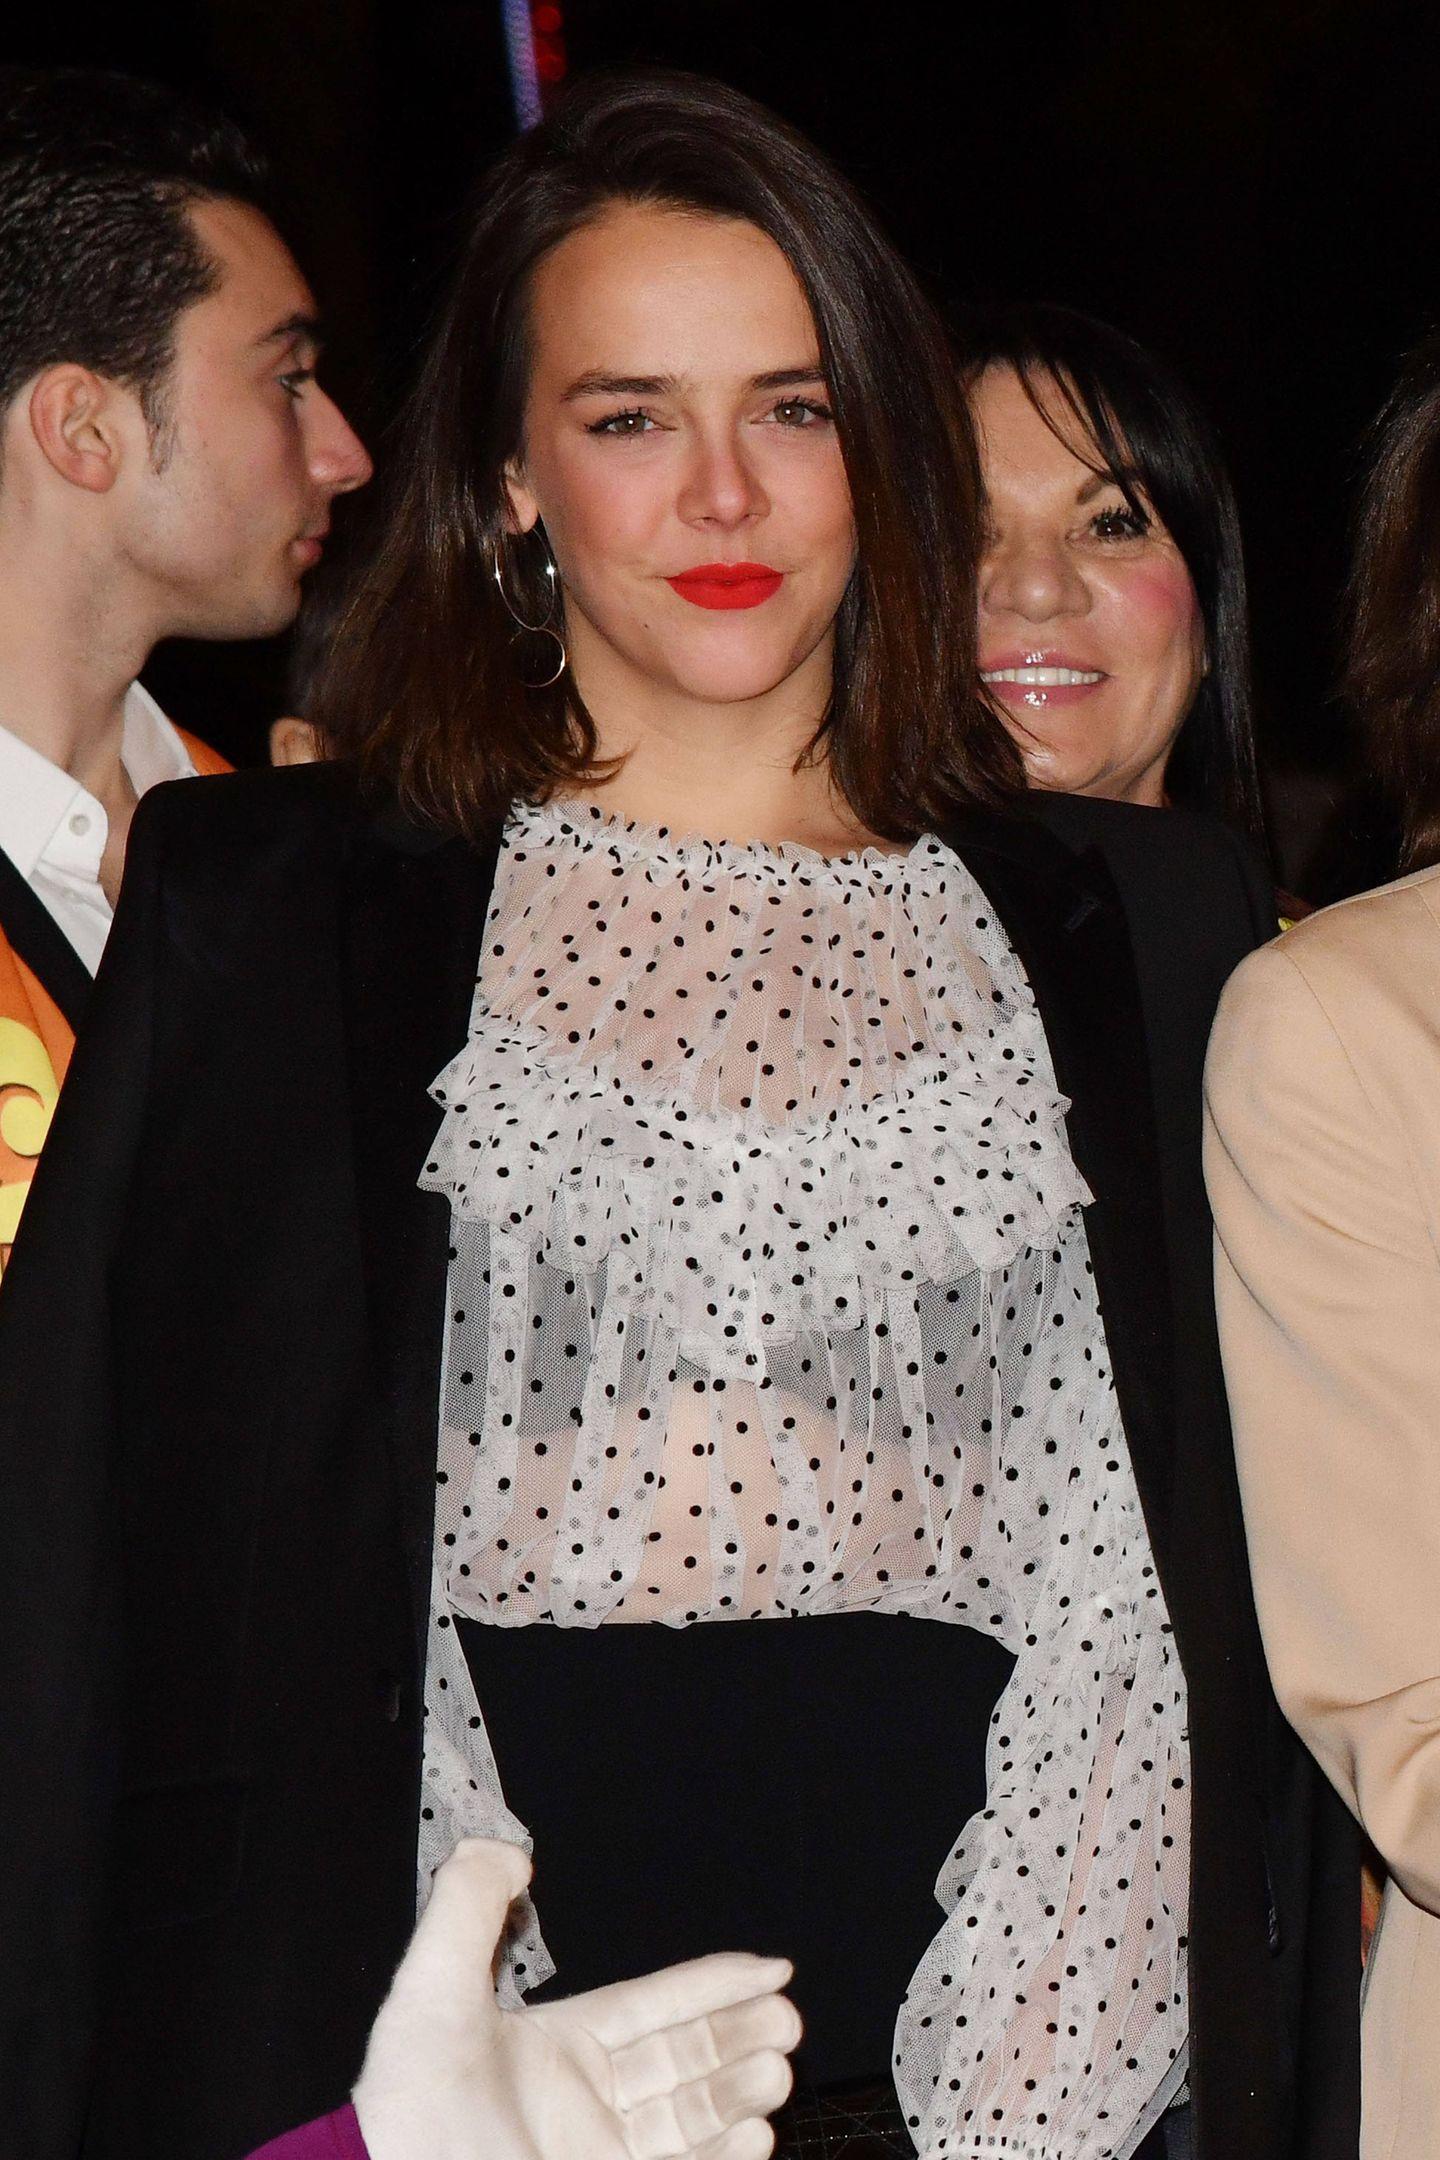 Gewollt oder ungewollt?Pauline Ducruet zeigtim Blitzlichtgewitter was sie unter ihrer hübschen Volant-Bluse mit Pünktchen-Musterträgt.